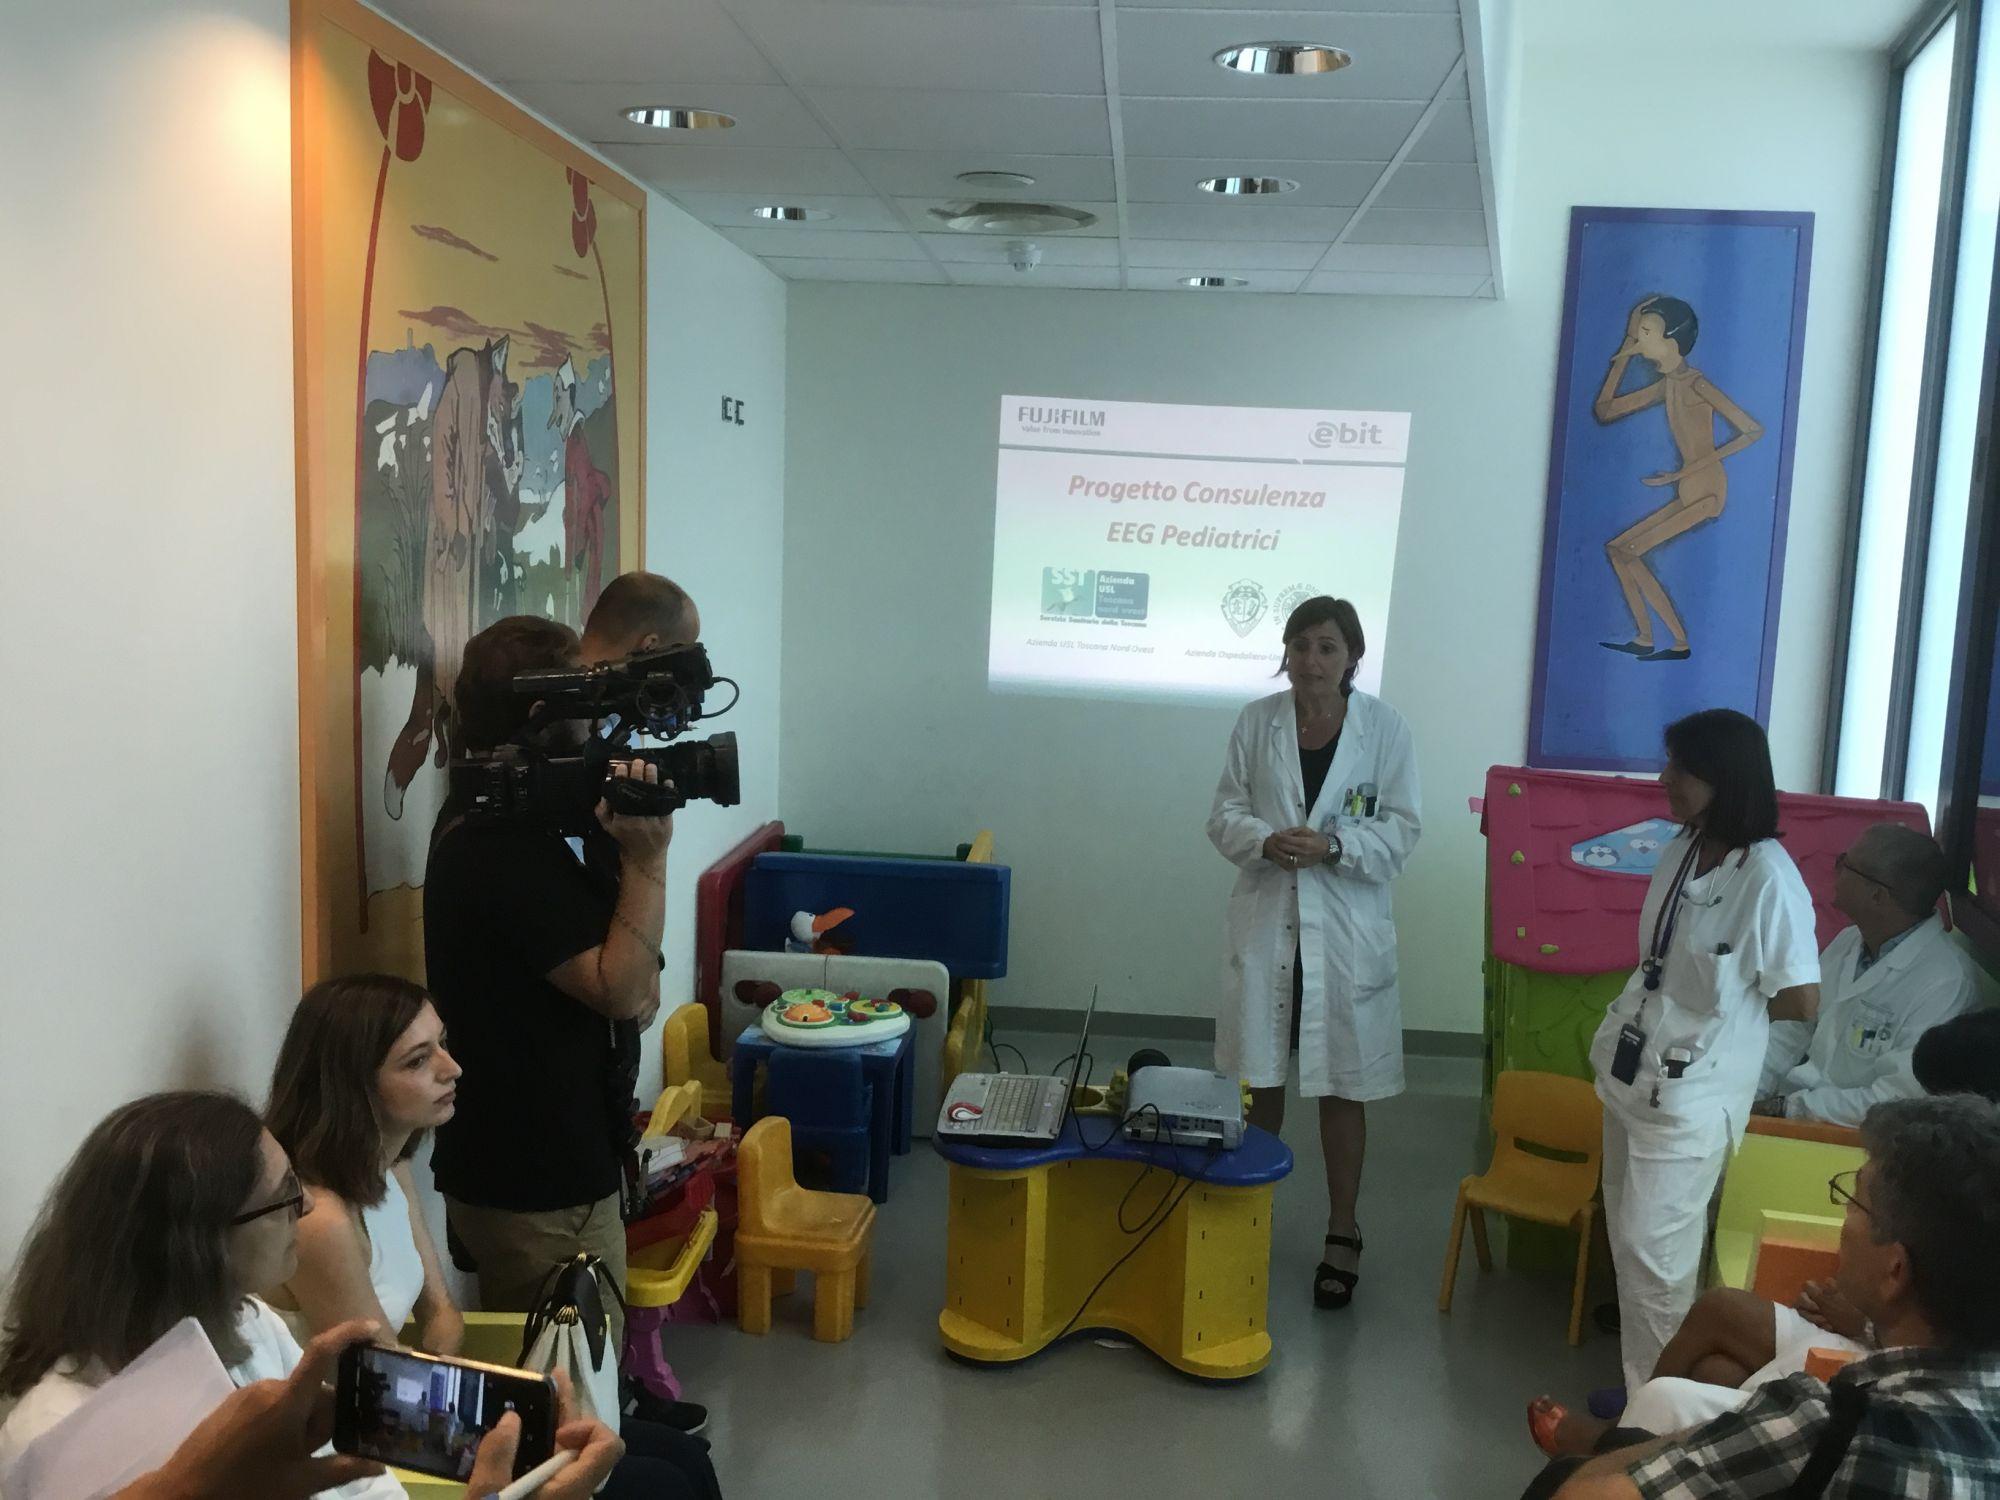 """L'ospedale """"San Luca"""" e l'AOUP insieme per i bambini, presentato il nuovo sistema di teleconsulto tra Pediatrie"""